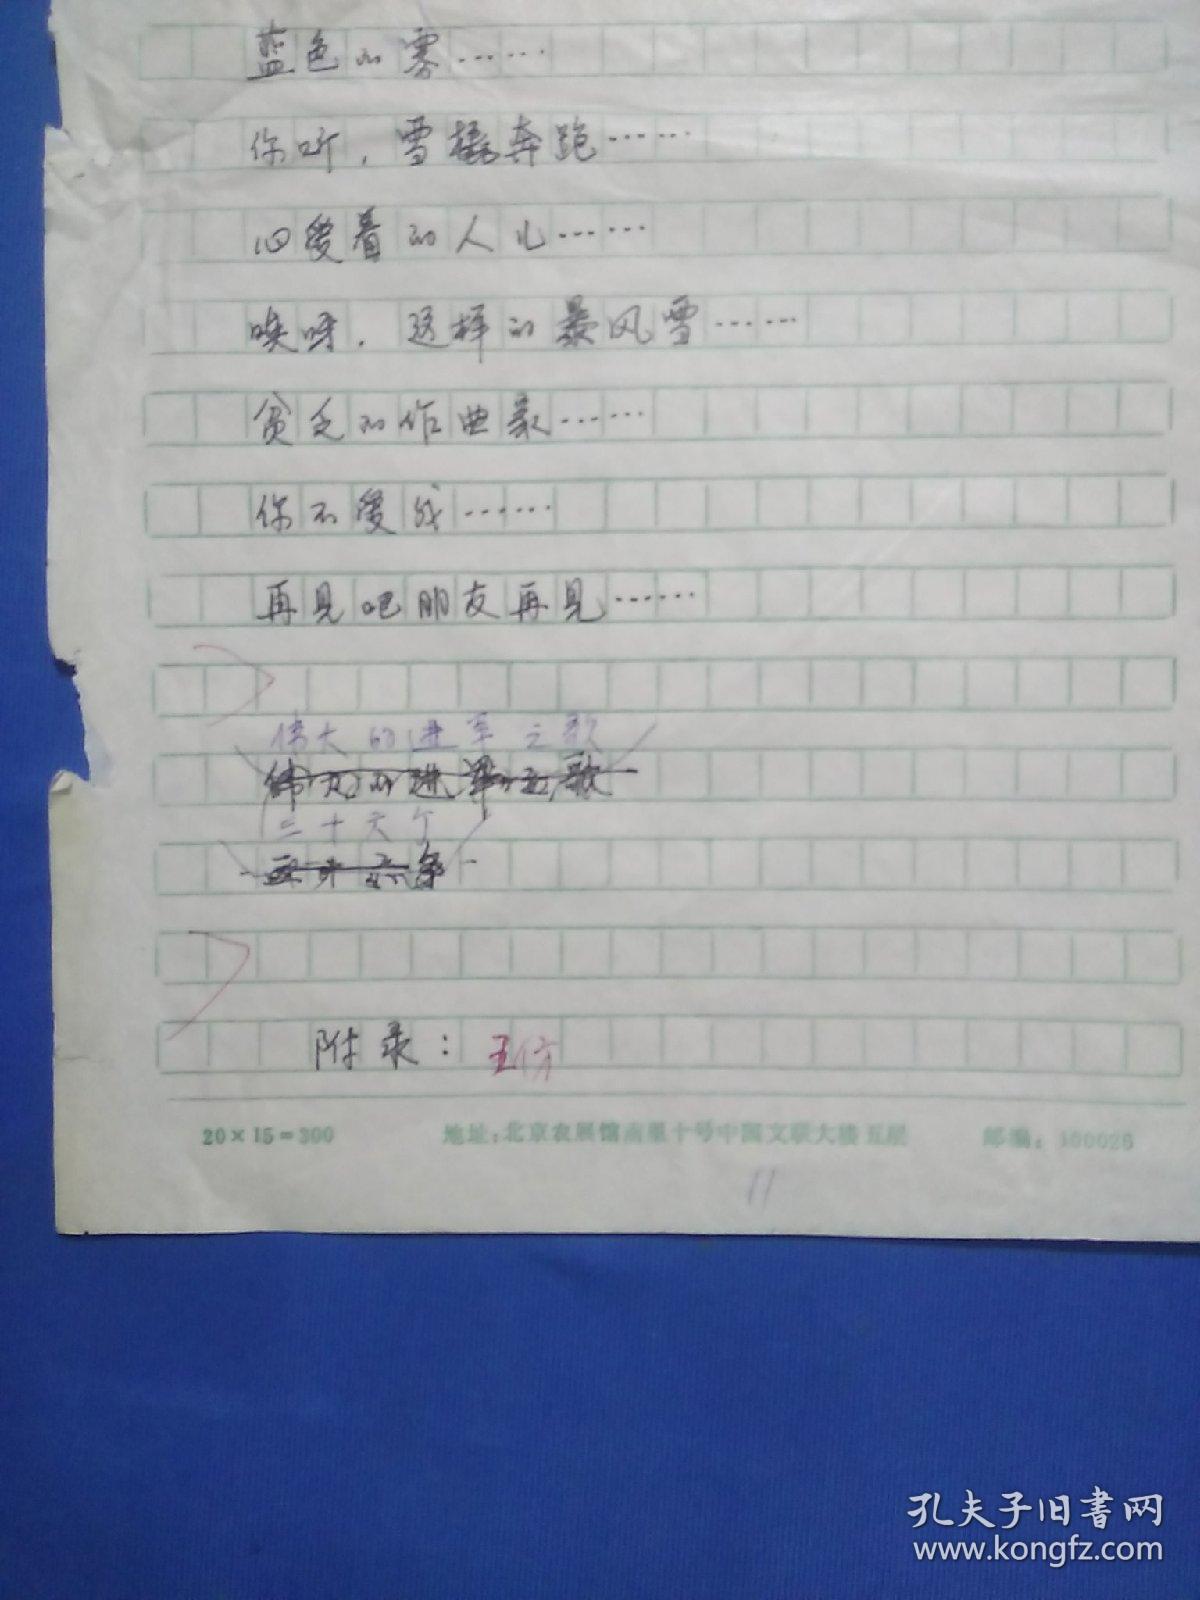 著名诗人刘湛秋手稿(《叶赛宁诗歌精选》目录)图片